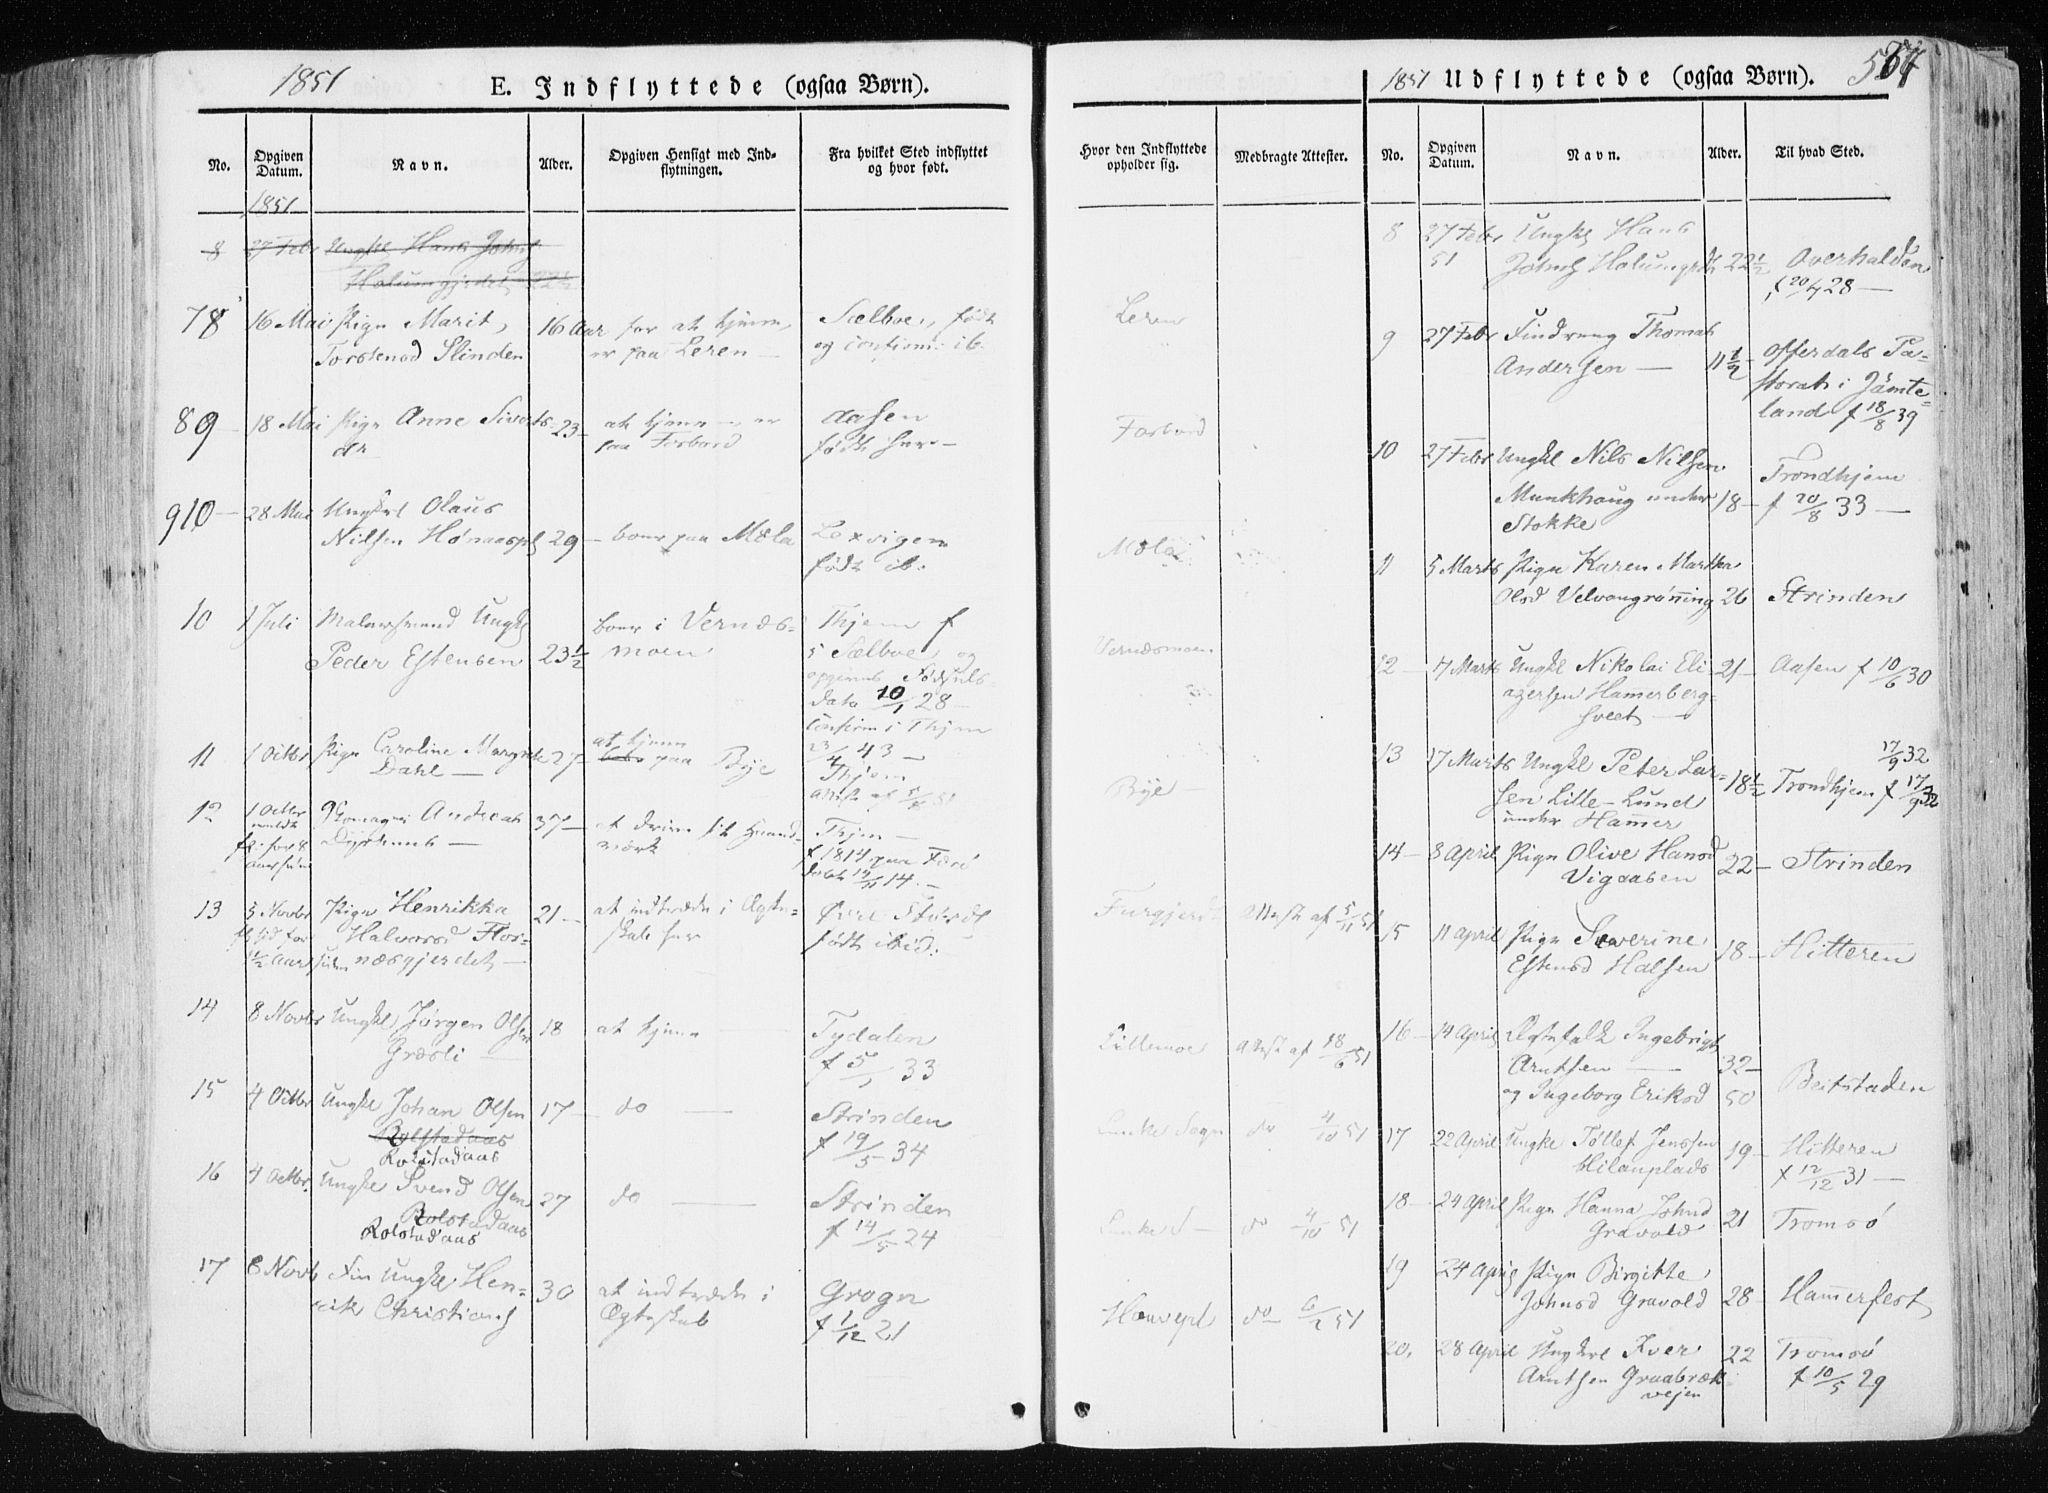 SAT, Ministerialprotokoller, klokkerbøker og fødselsregistre - Nord-Trøndelag, 709/L0074: Ministerialbok nr. 709A14, 1845-1858, s. 557